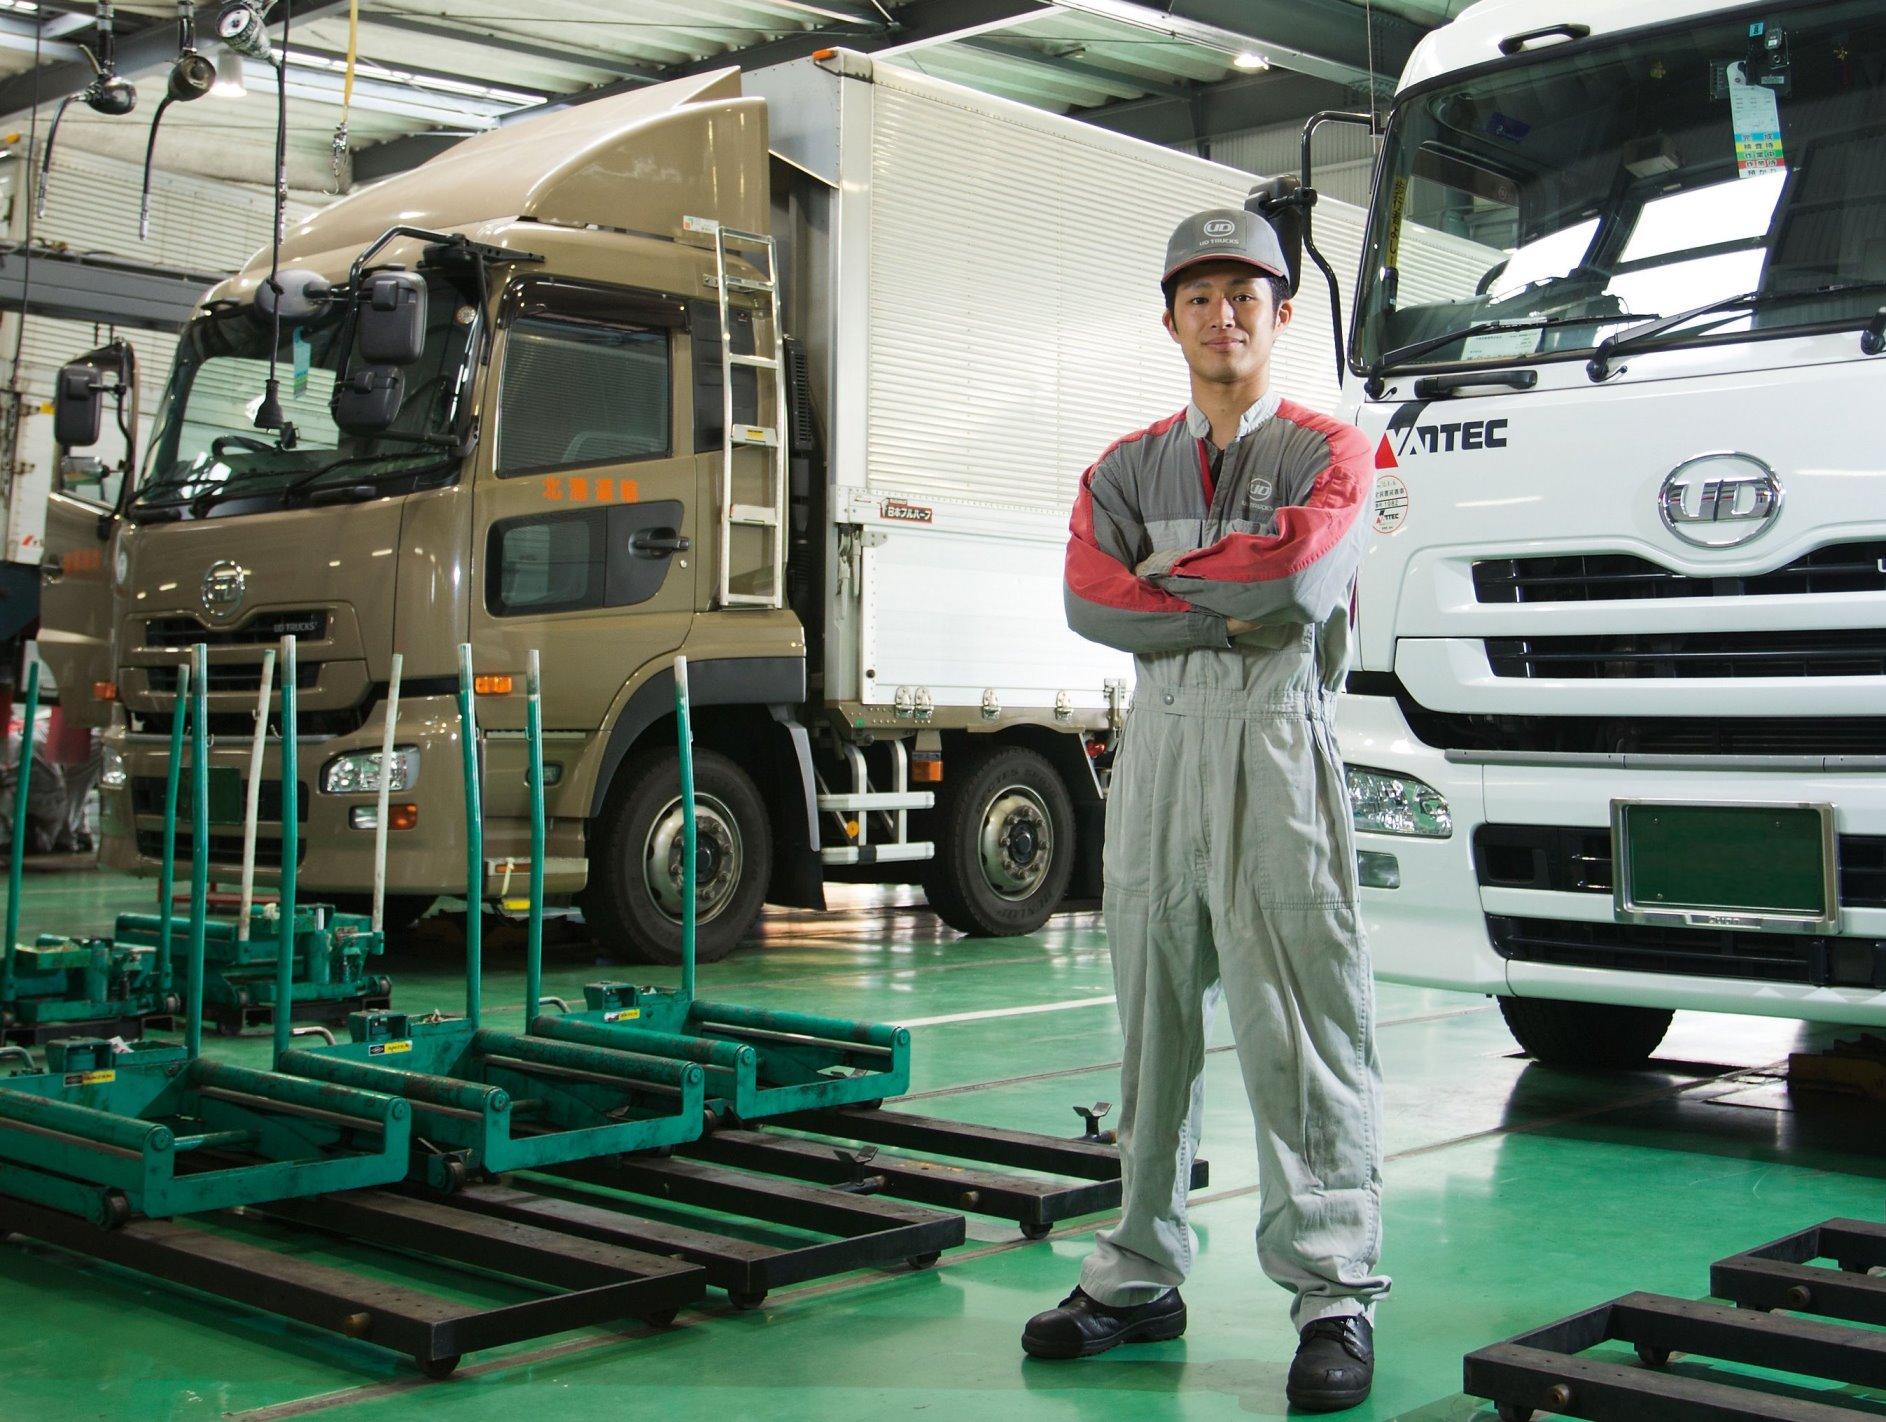 【正社員 神奈川県(厚木市酒井)】高年収!残業少!大手トラックメーカーの整備士募集!